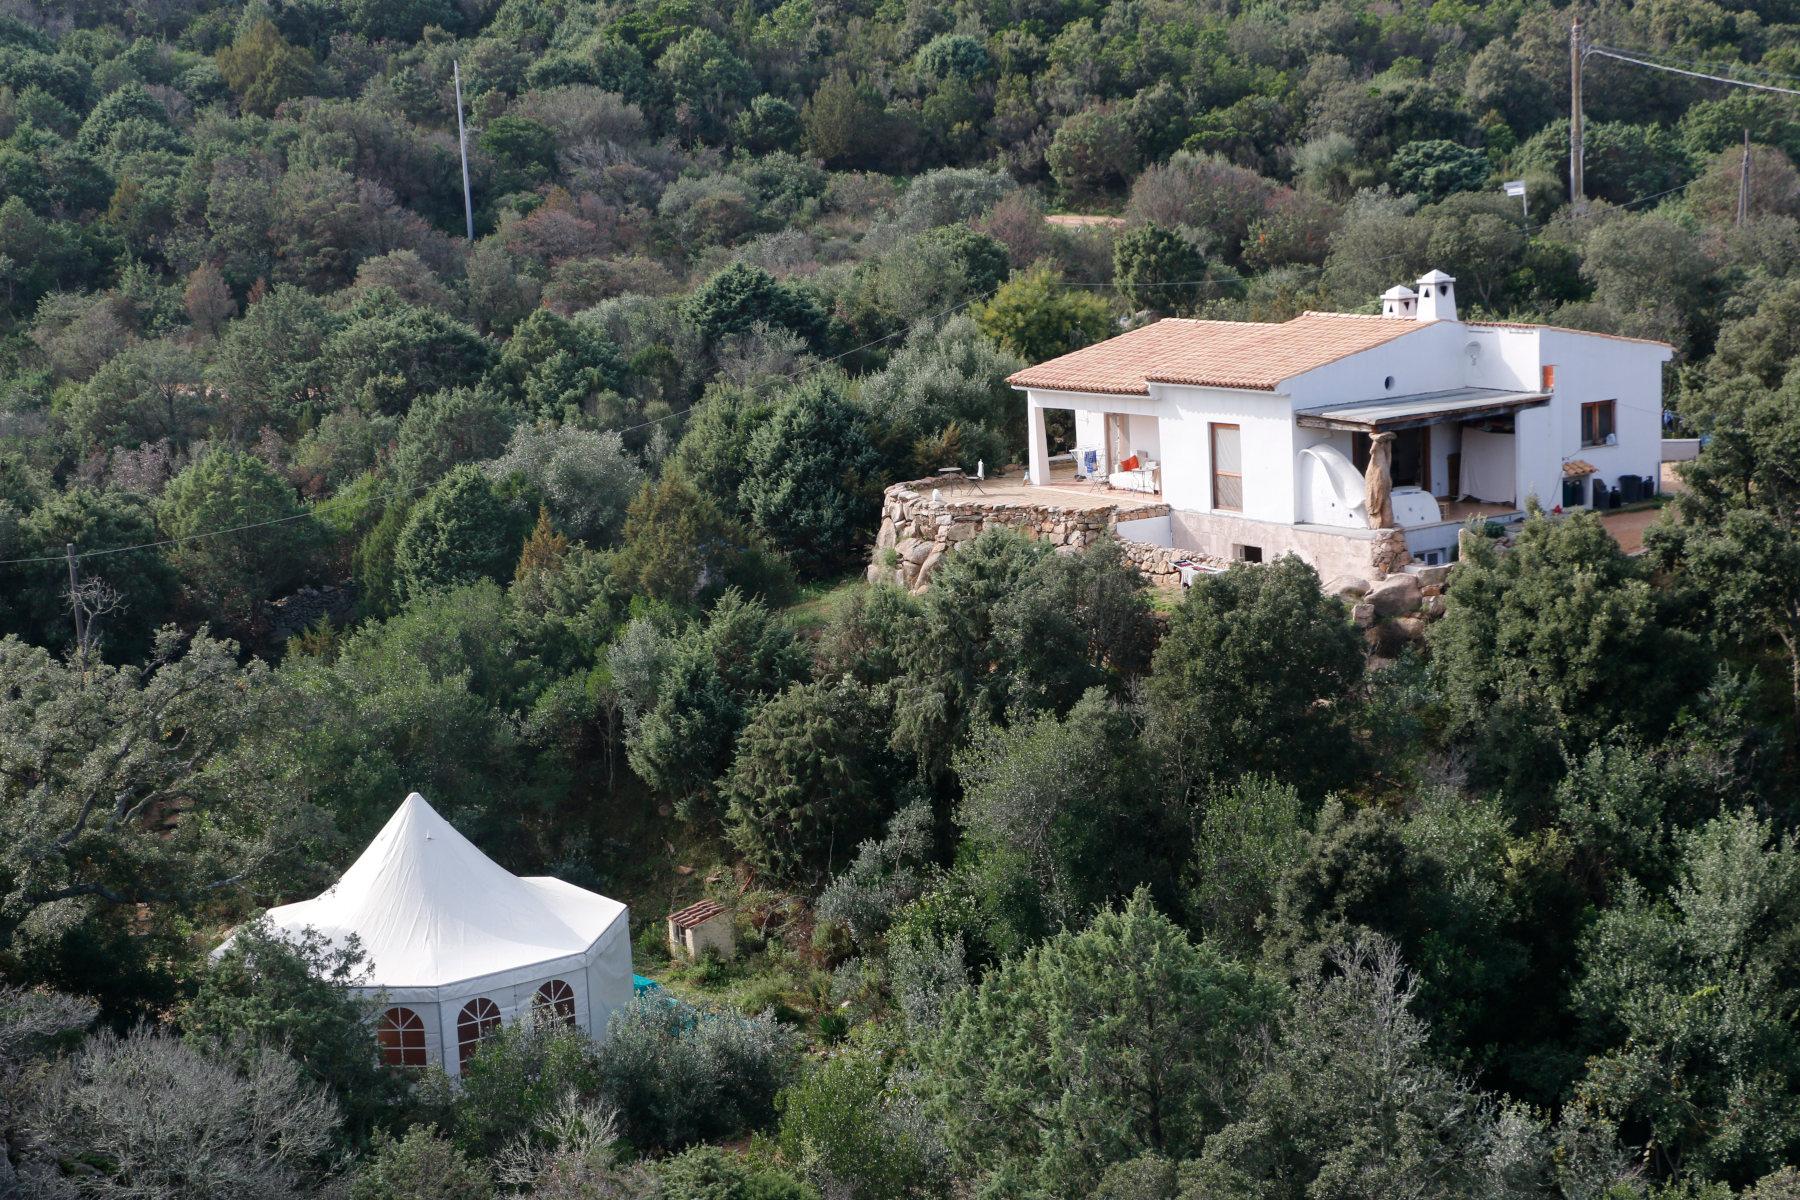 house and tent Cala Jami Inayati Suficamp Sardinia